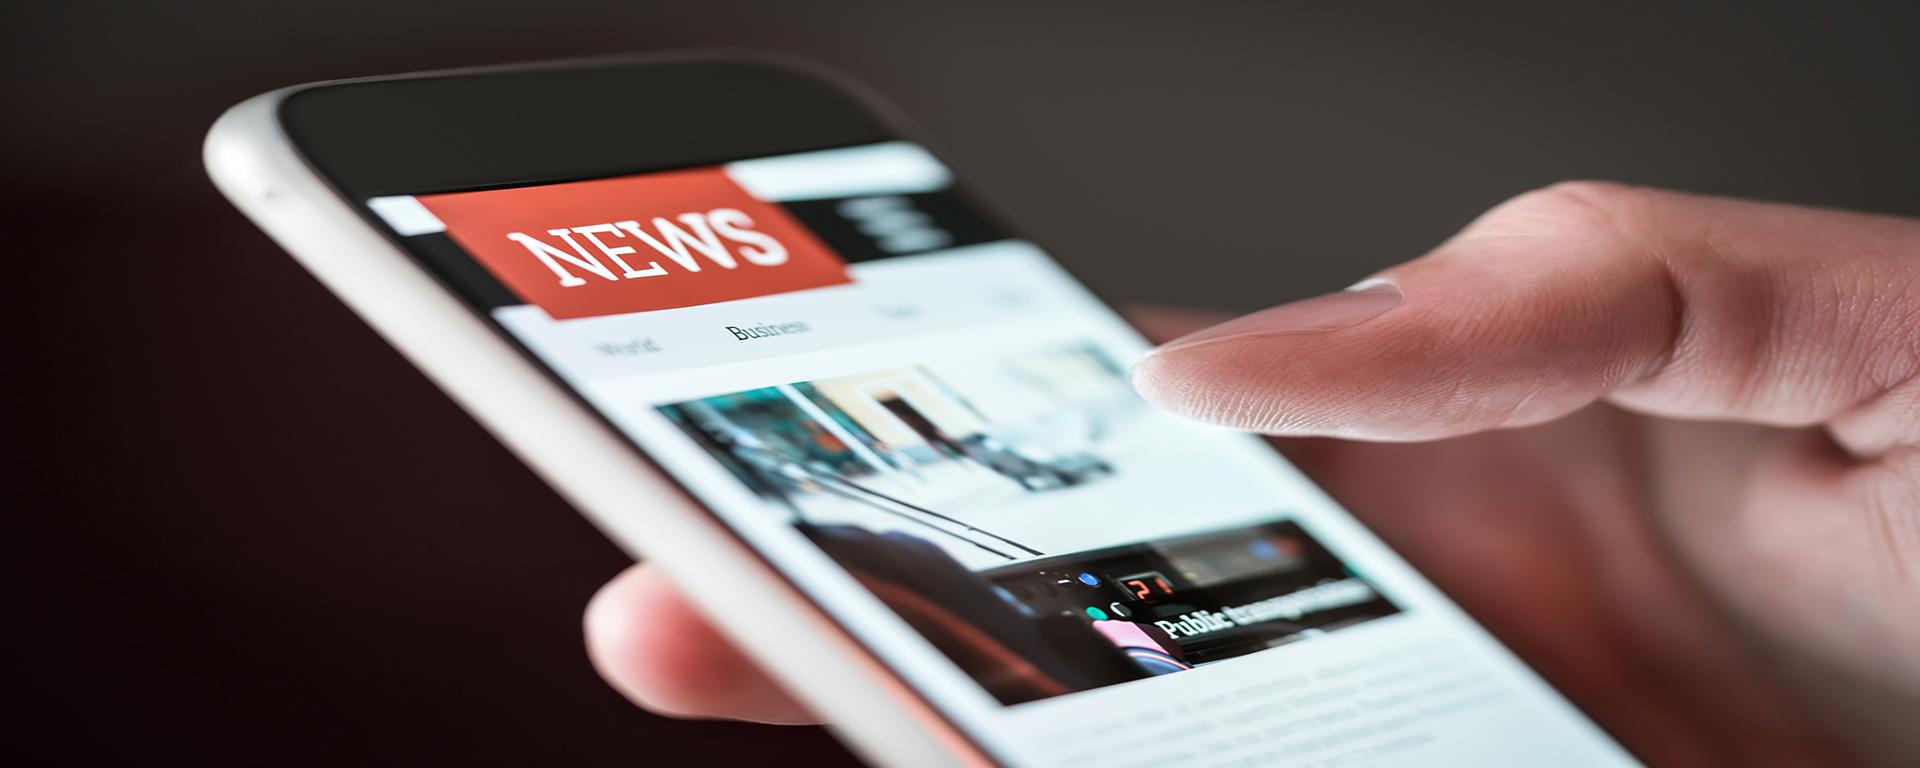 لافتة ليد تحمل هاتفاً ذكياً.  تعرض شاشة الهاتف الذكي موقعًا على الويب لتطبيق NEWS.